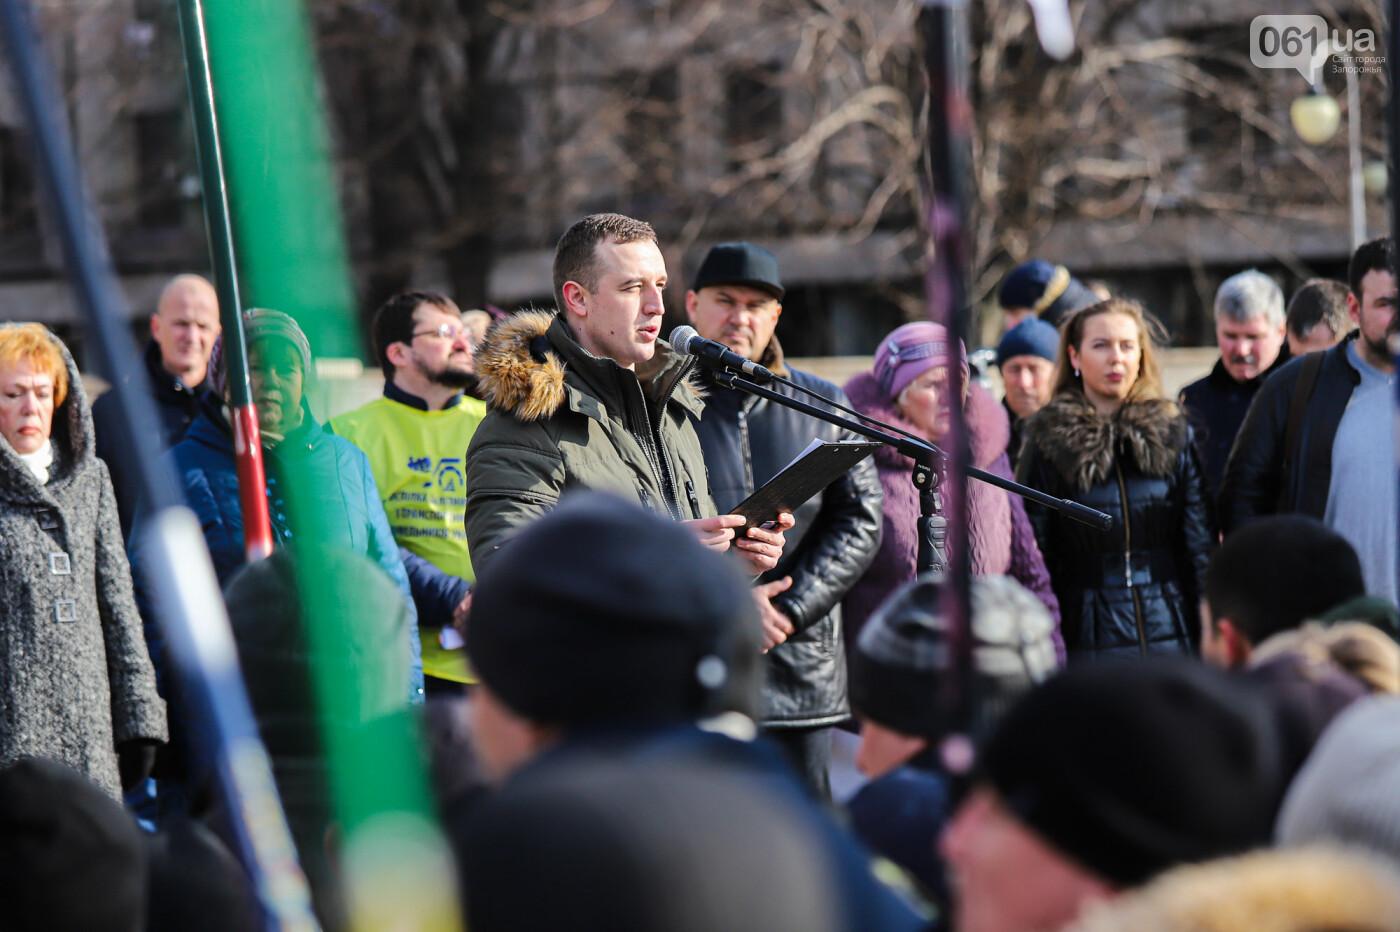 В Запорожье на протестную акцию профсоюзов «Волна гнева» вышло около 2000 человек, - ФОТОРЕПОРТАЖ, фото-2